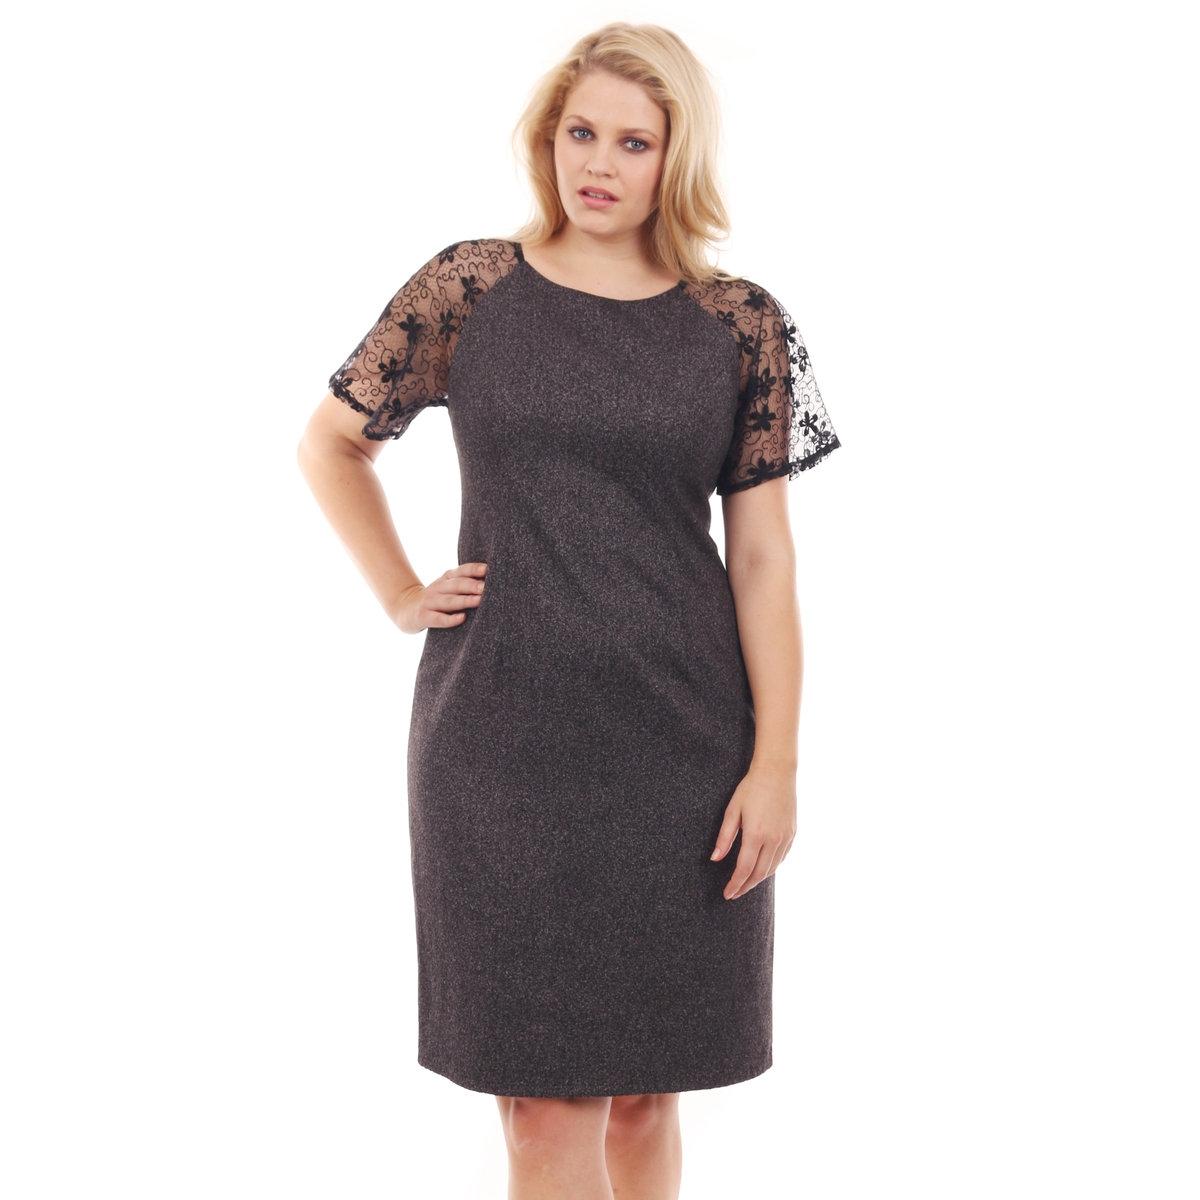 Платье однотонноеПлатье однотонное LOVEDROBE с короткими рукавами. Прозрачные рукава с отделкой кружевом. Небольшой вырез в верхней части спинки. Длина 101 см. 100% полиэстера.<br><br>Цвет: серый<br>Размер: 48 (FR) - 54 (RUS)